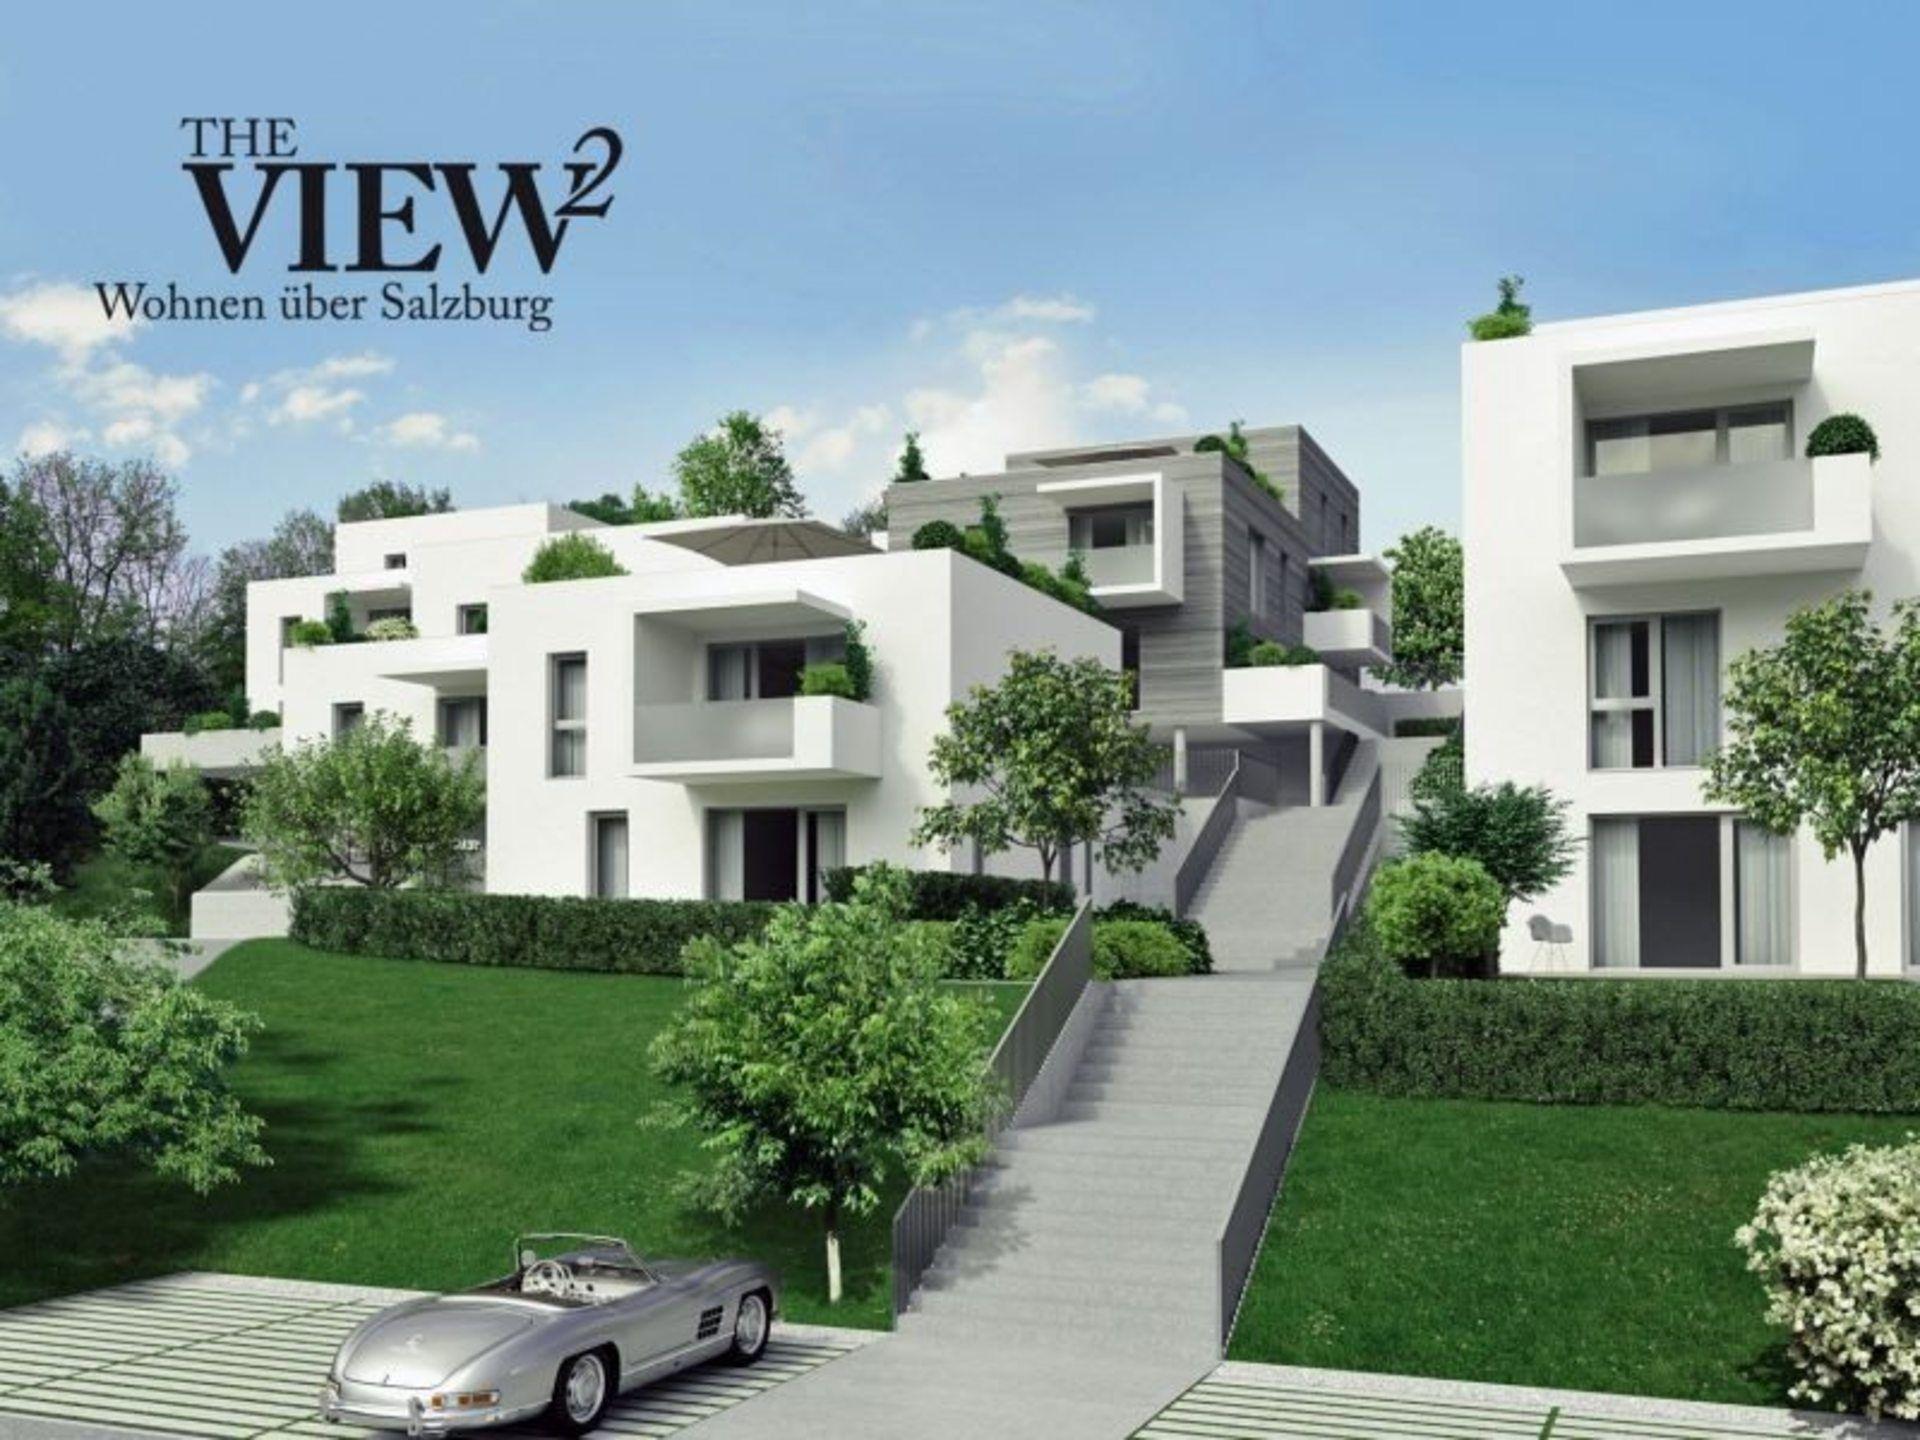 The View² - Wohnen über Salzburg: Eigentumswohnungen im Grünen